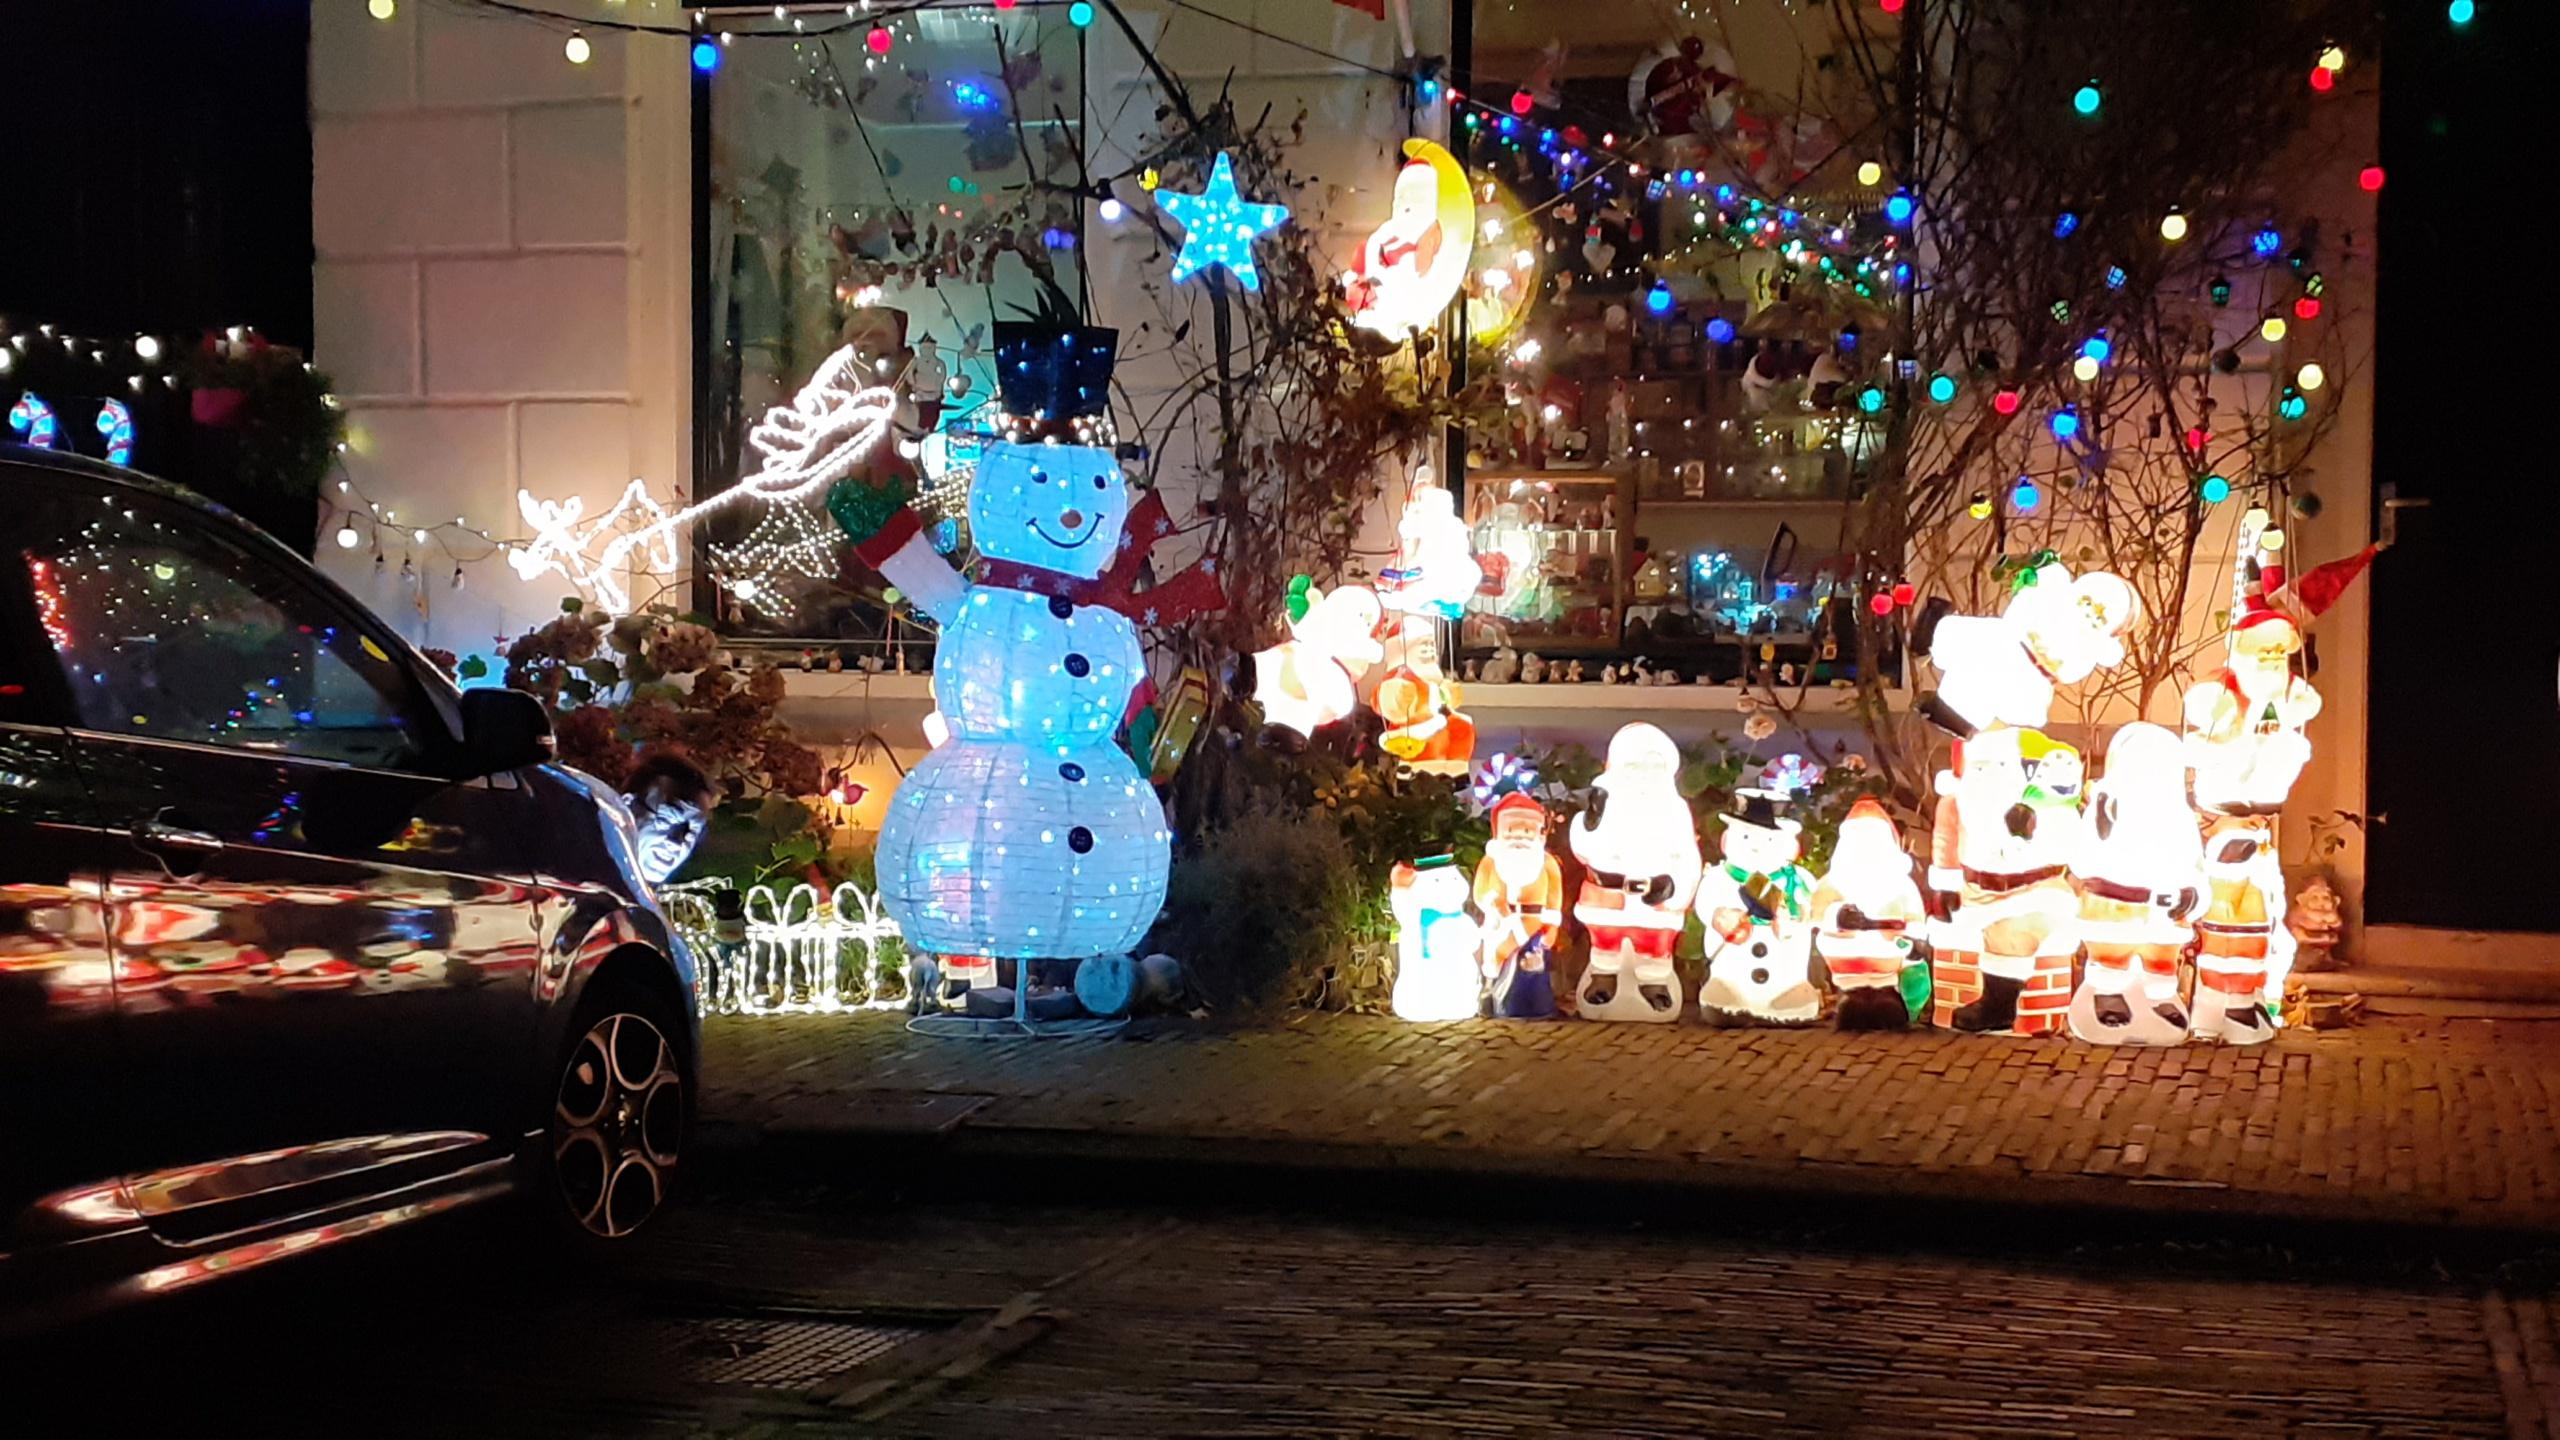 Namens Passie voor Glans: Fijne kerstdagen en een glansrijk 2021